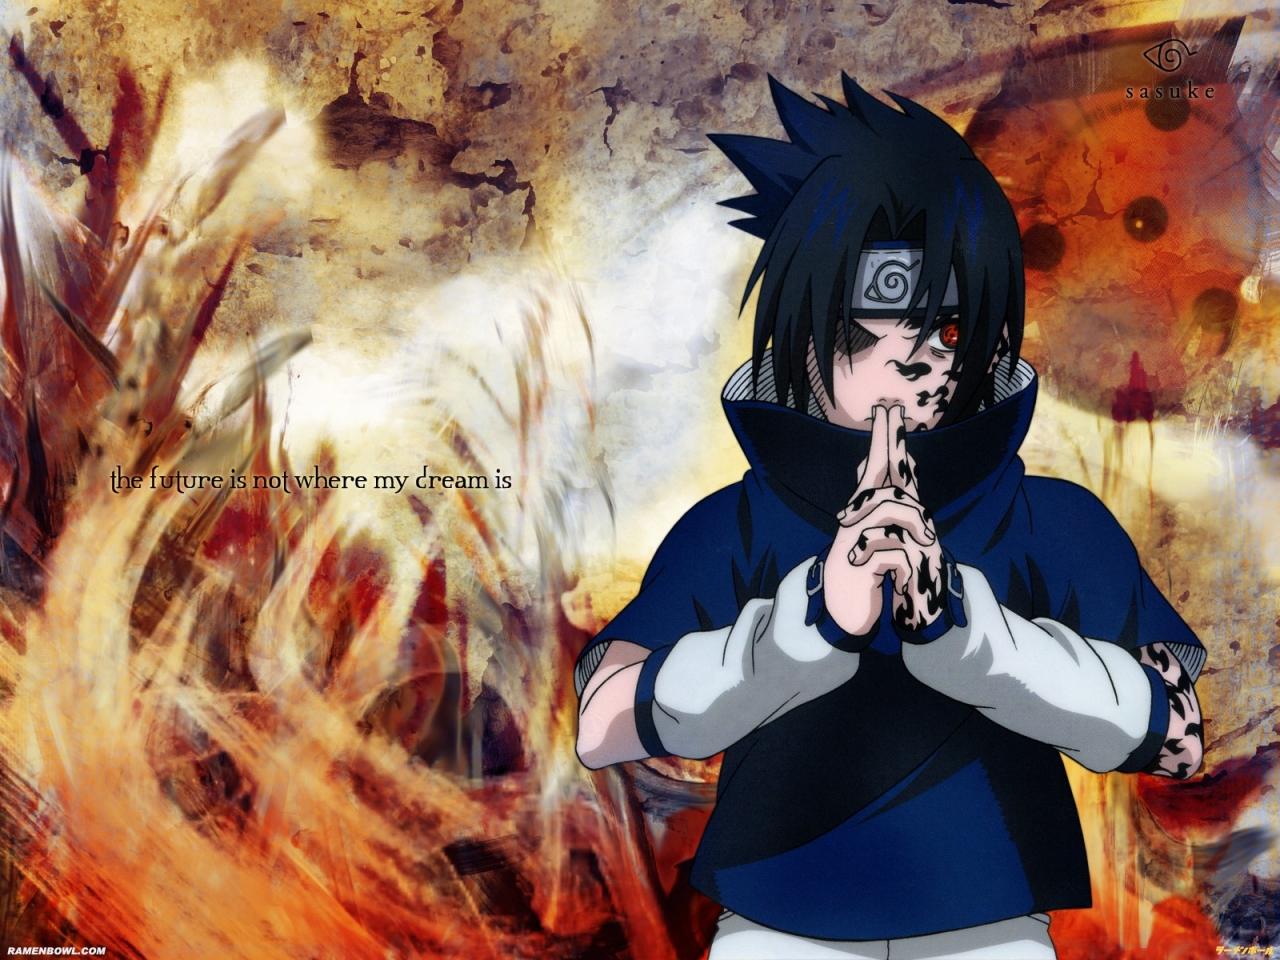 Mejores fondos de pantalla de Naruto Shippuden | MangaSpain